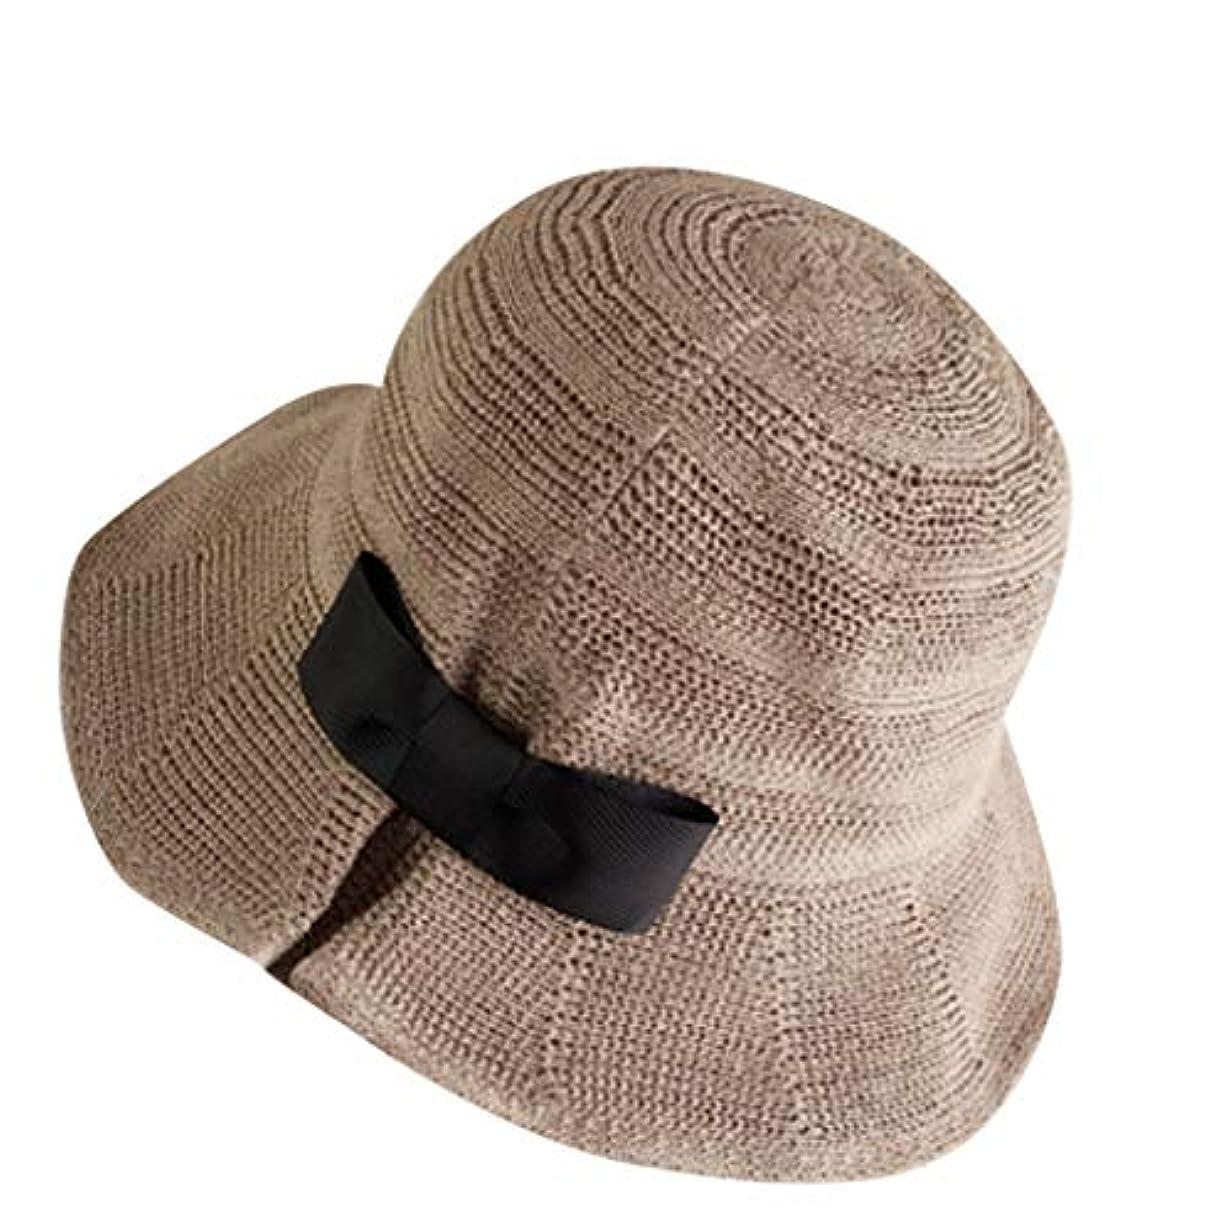 スラムハロウィン占めるサンバイザー 帽子 レディース 大きいサイズ 日よけ つば広 紫外線対策 小顔効果抜群 春夏 お出かけ用 ビーチハット 蝶結び ハット レディース 日除け帽子 紫外線対策 キャップ 漁師の帽子 漁師キャップ ROSE ROMAN